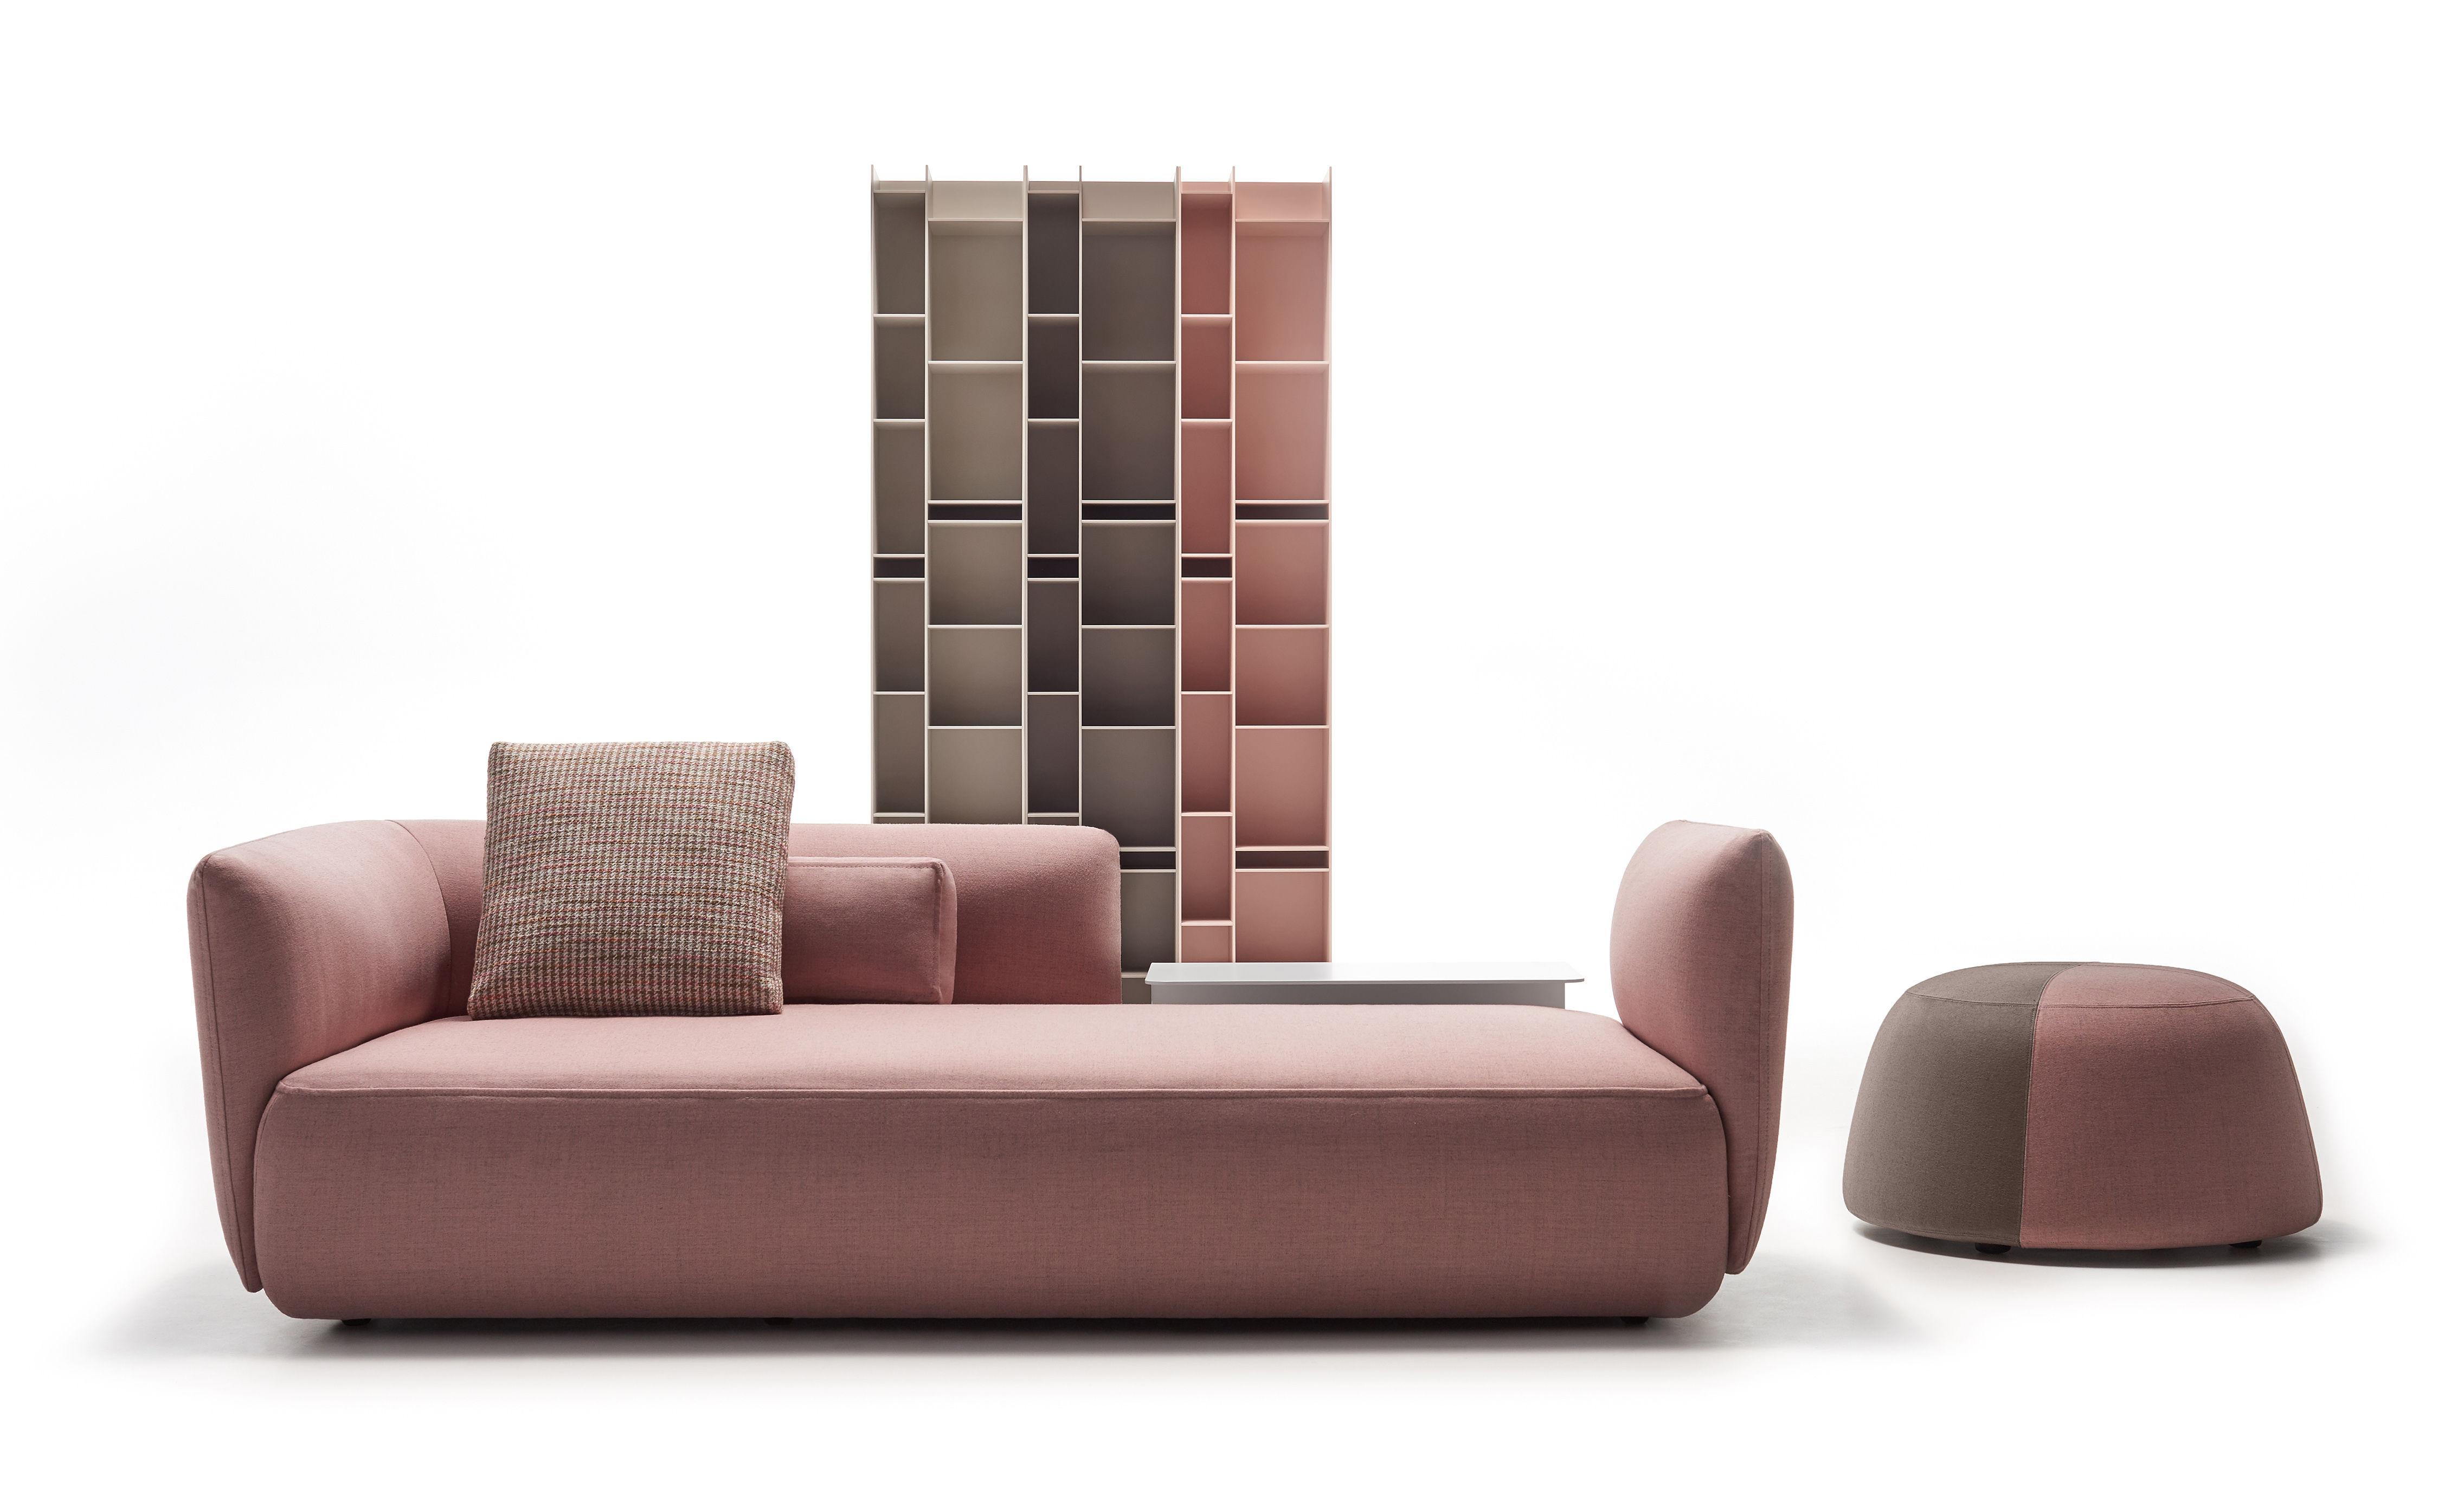 Divano Color Rosa Antico : Cosy paolina divano destro posti l cm divano rosa